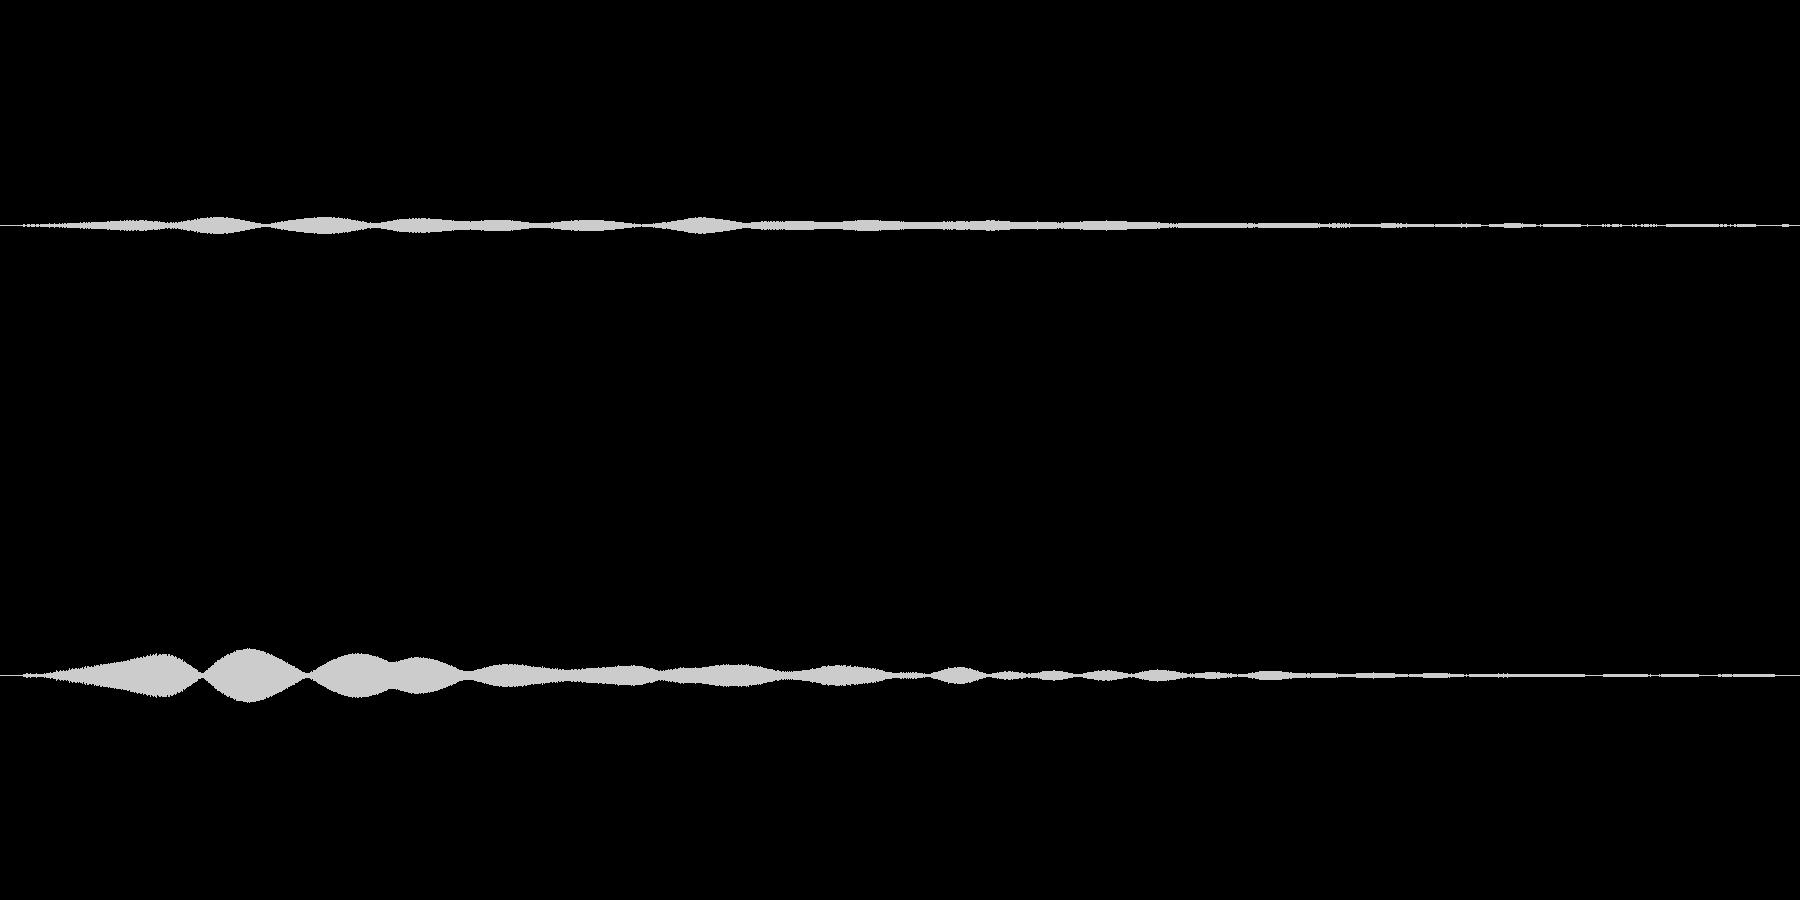 キーン、カーンという効果音の未再生の波形